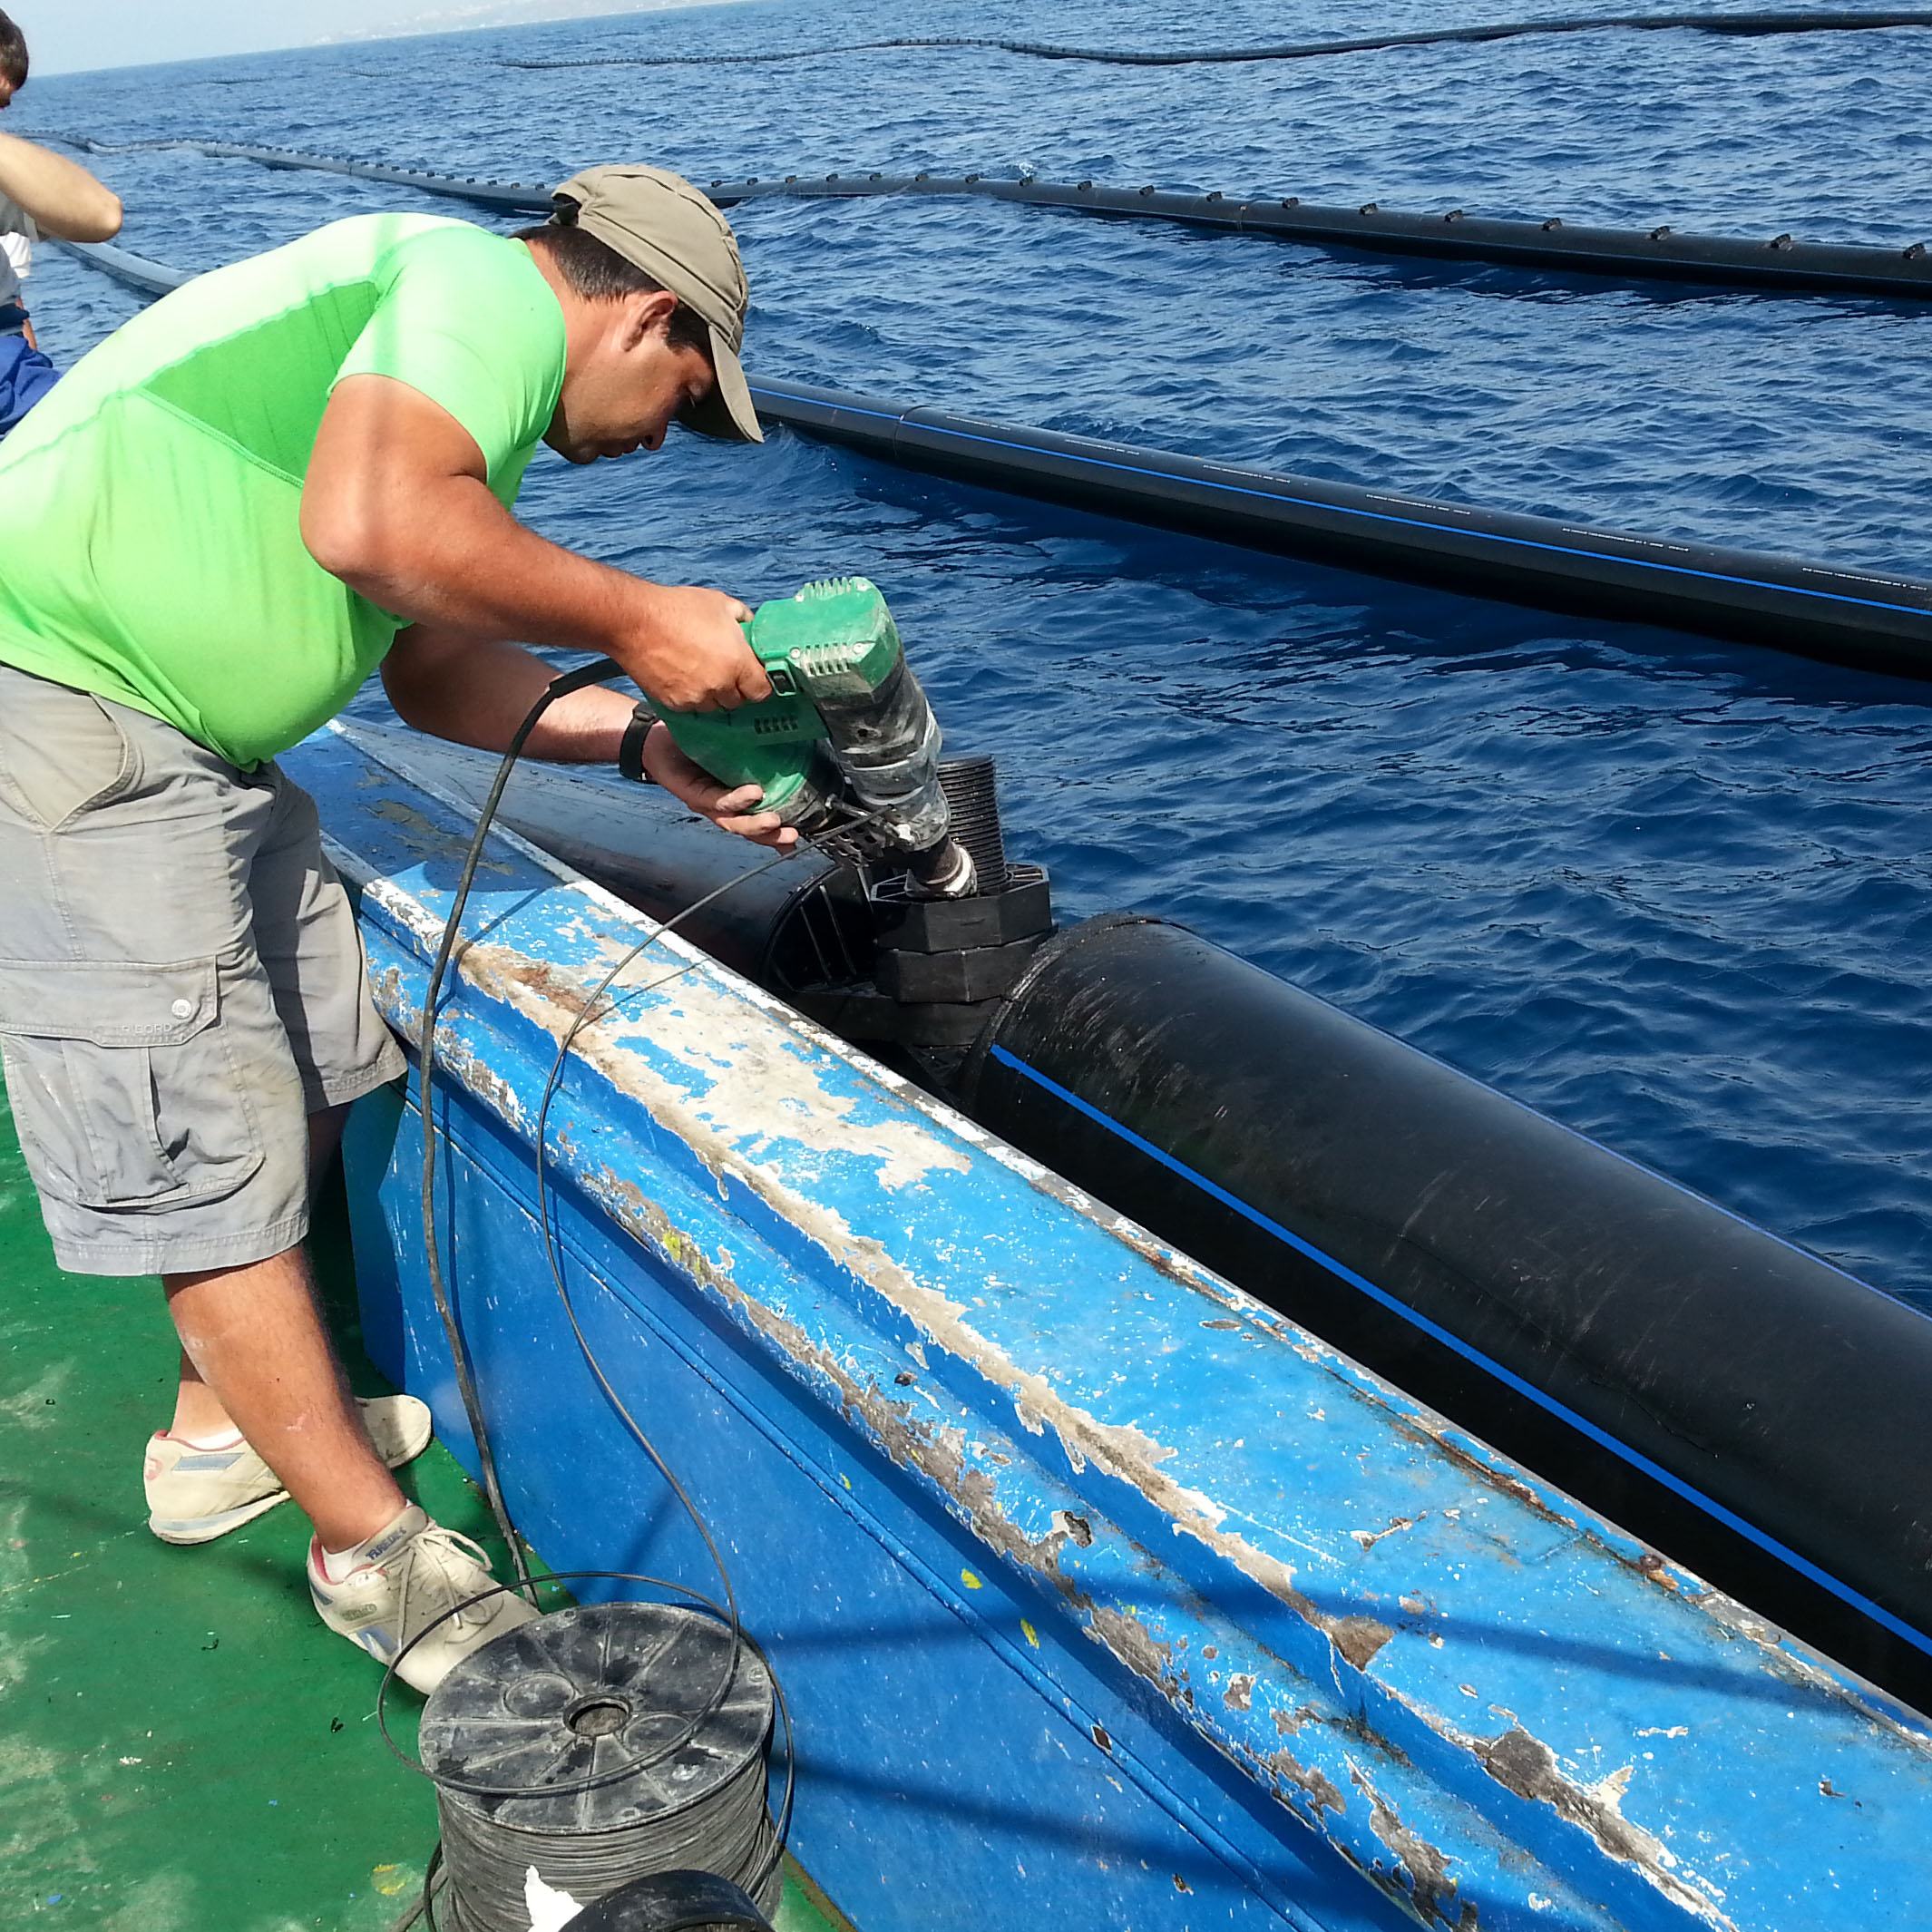 Soldadura de plastico en mar